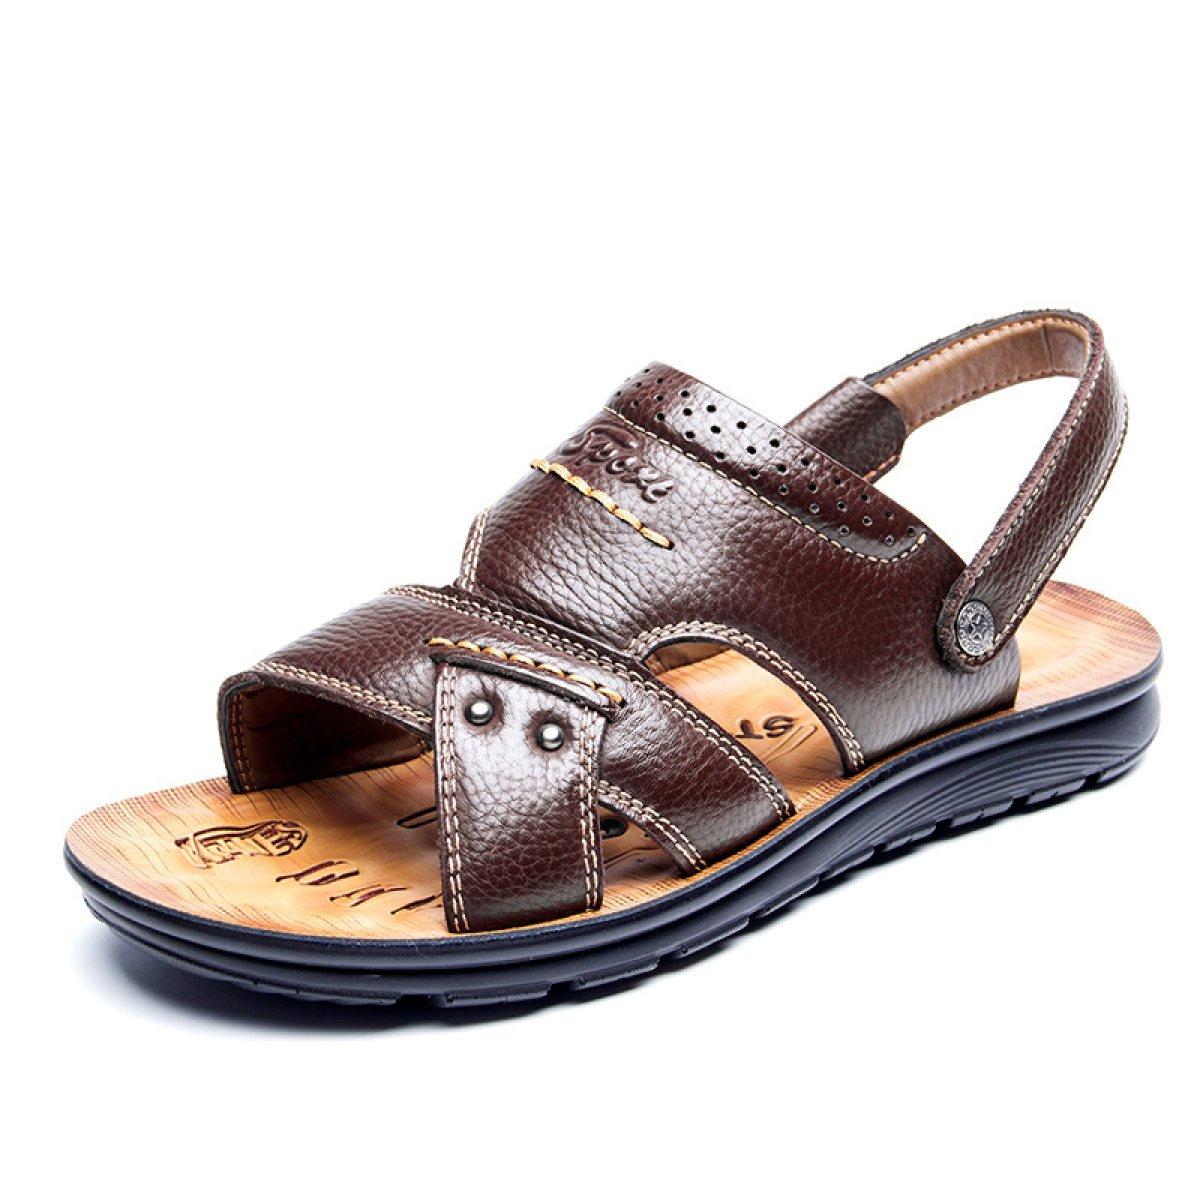 Zapatos De Playa Casuales De Verano De Cuero Antideslizante Sandalias Y Sandalias De Mediana Edad De Fondo Grueso 43 EU|Marrón